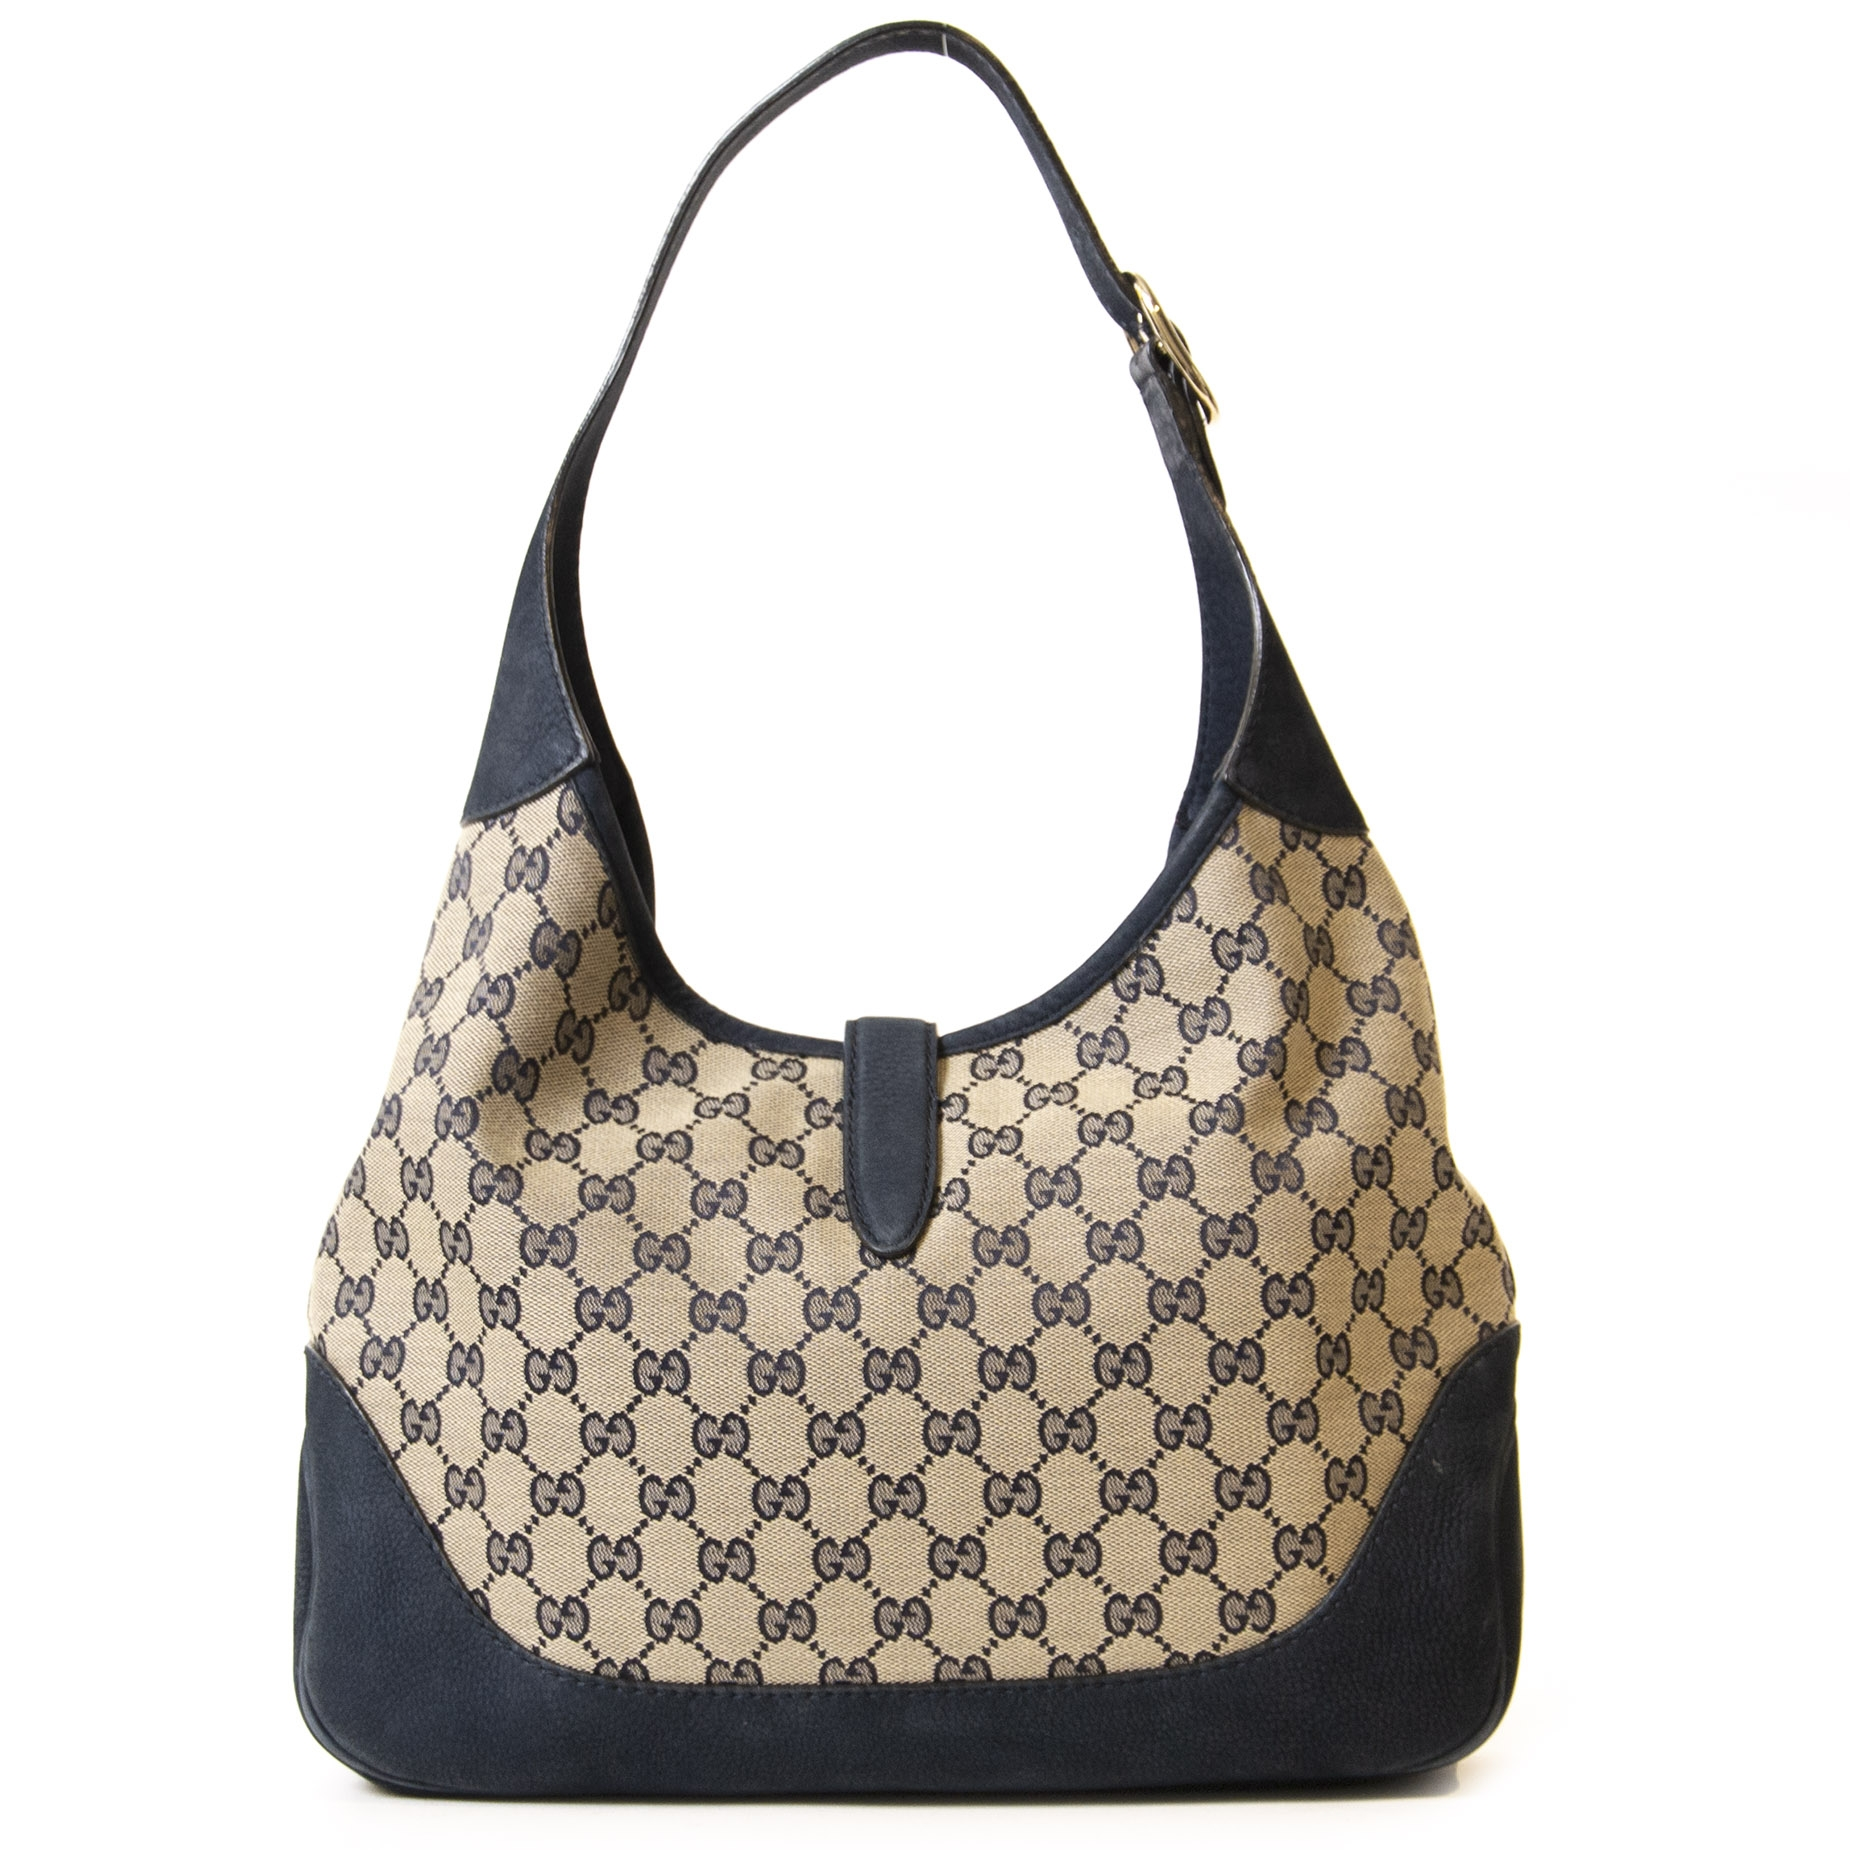 Authentieke Tweedehands Gucci Monogram Jackie O Hobo Bag juiste prijs veilig online shoppen luxe merken webshop winkelen Antwerpen België mode fashion